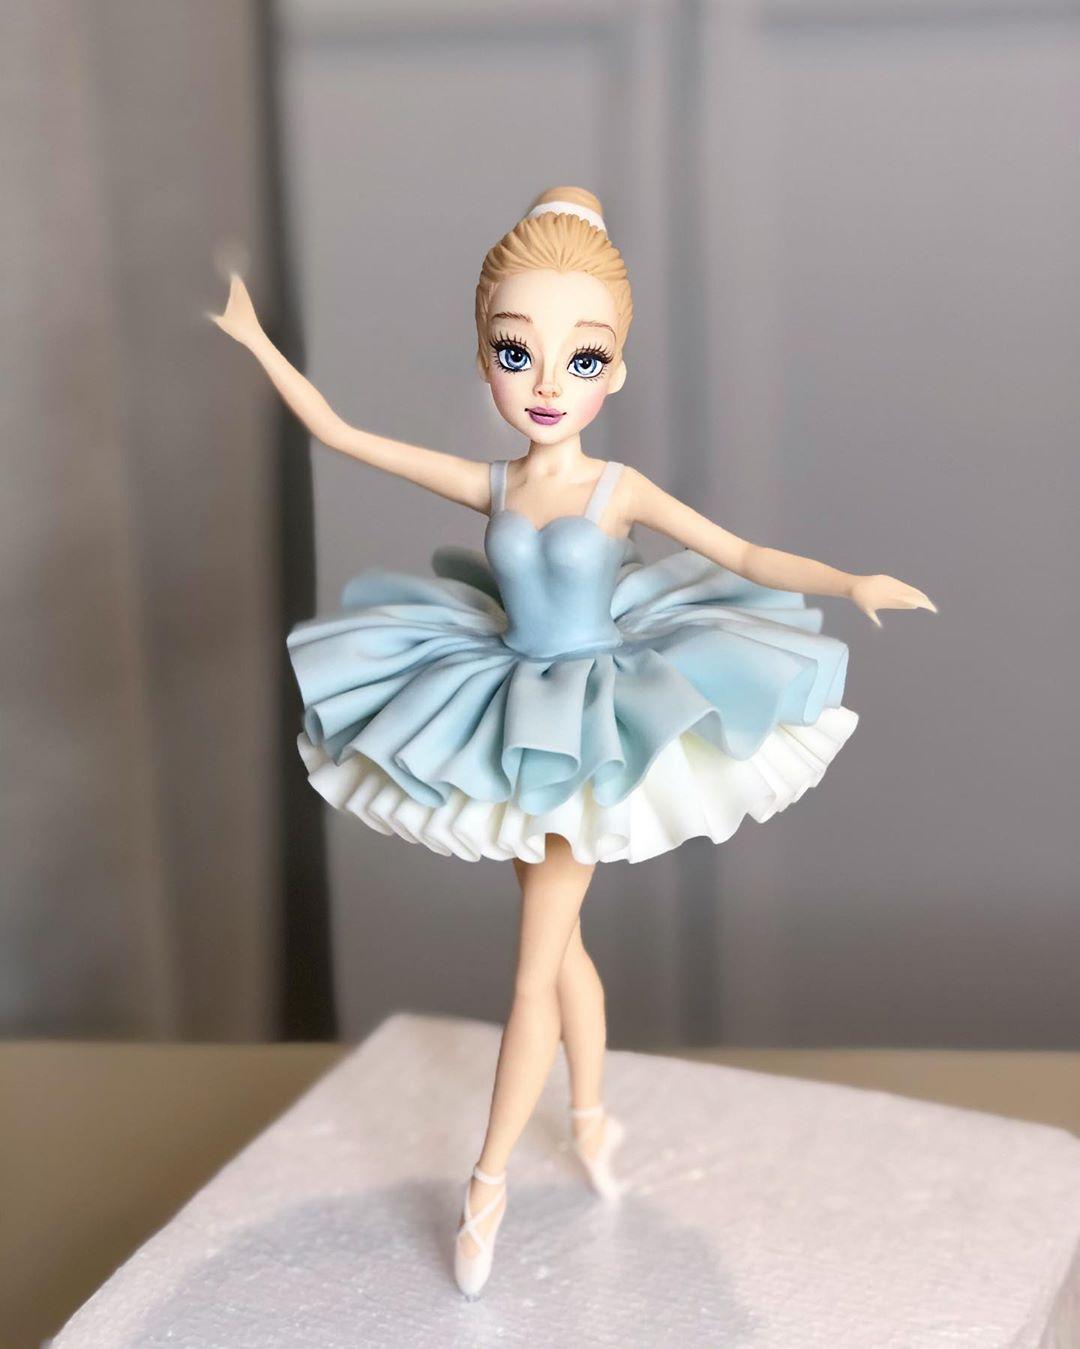 Mais uma amostra de atenção aos detalhes: até os franzidos do tutu da bailarina são super bem feitos! (Fonte: Instagram/Reprodução)